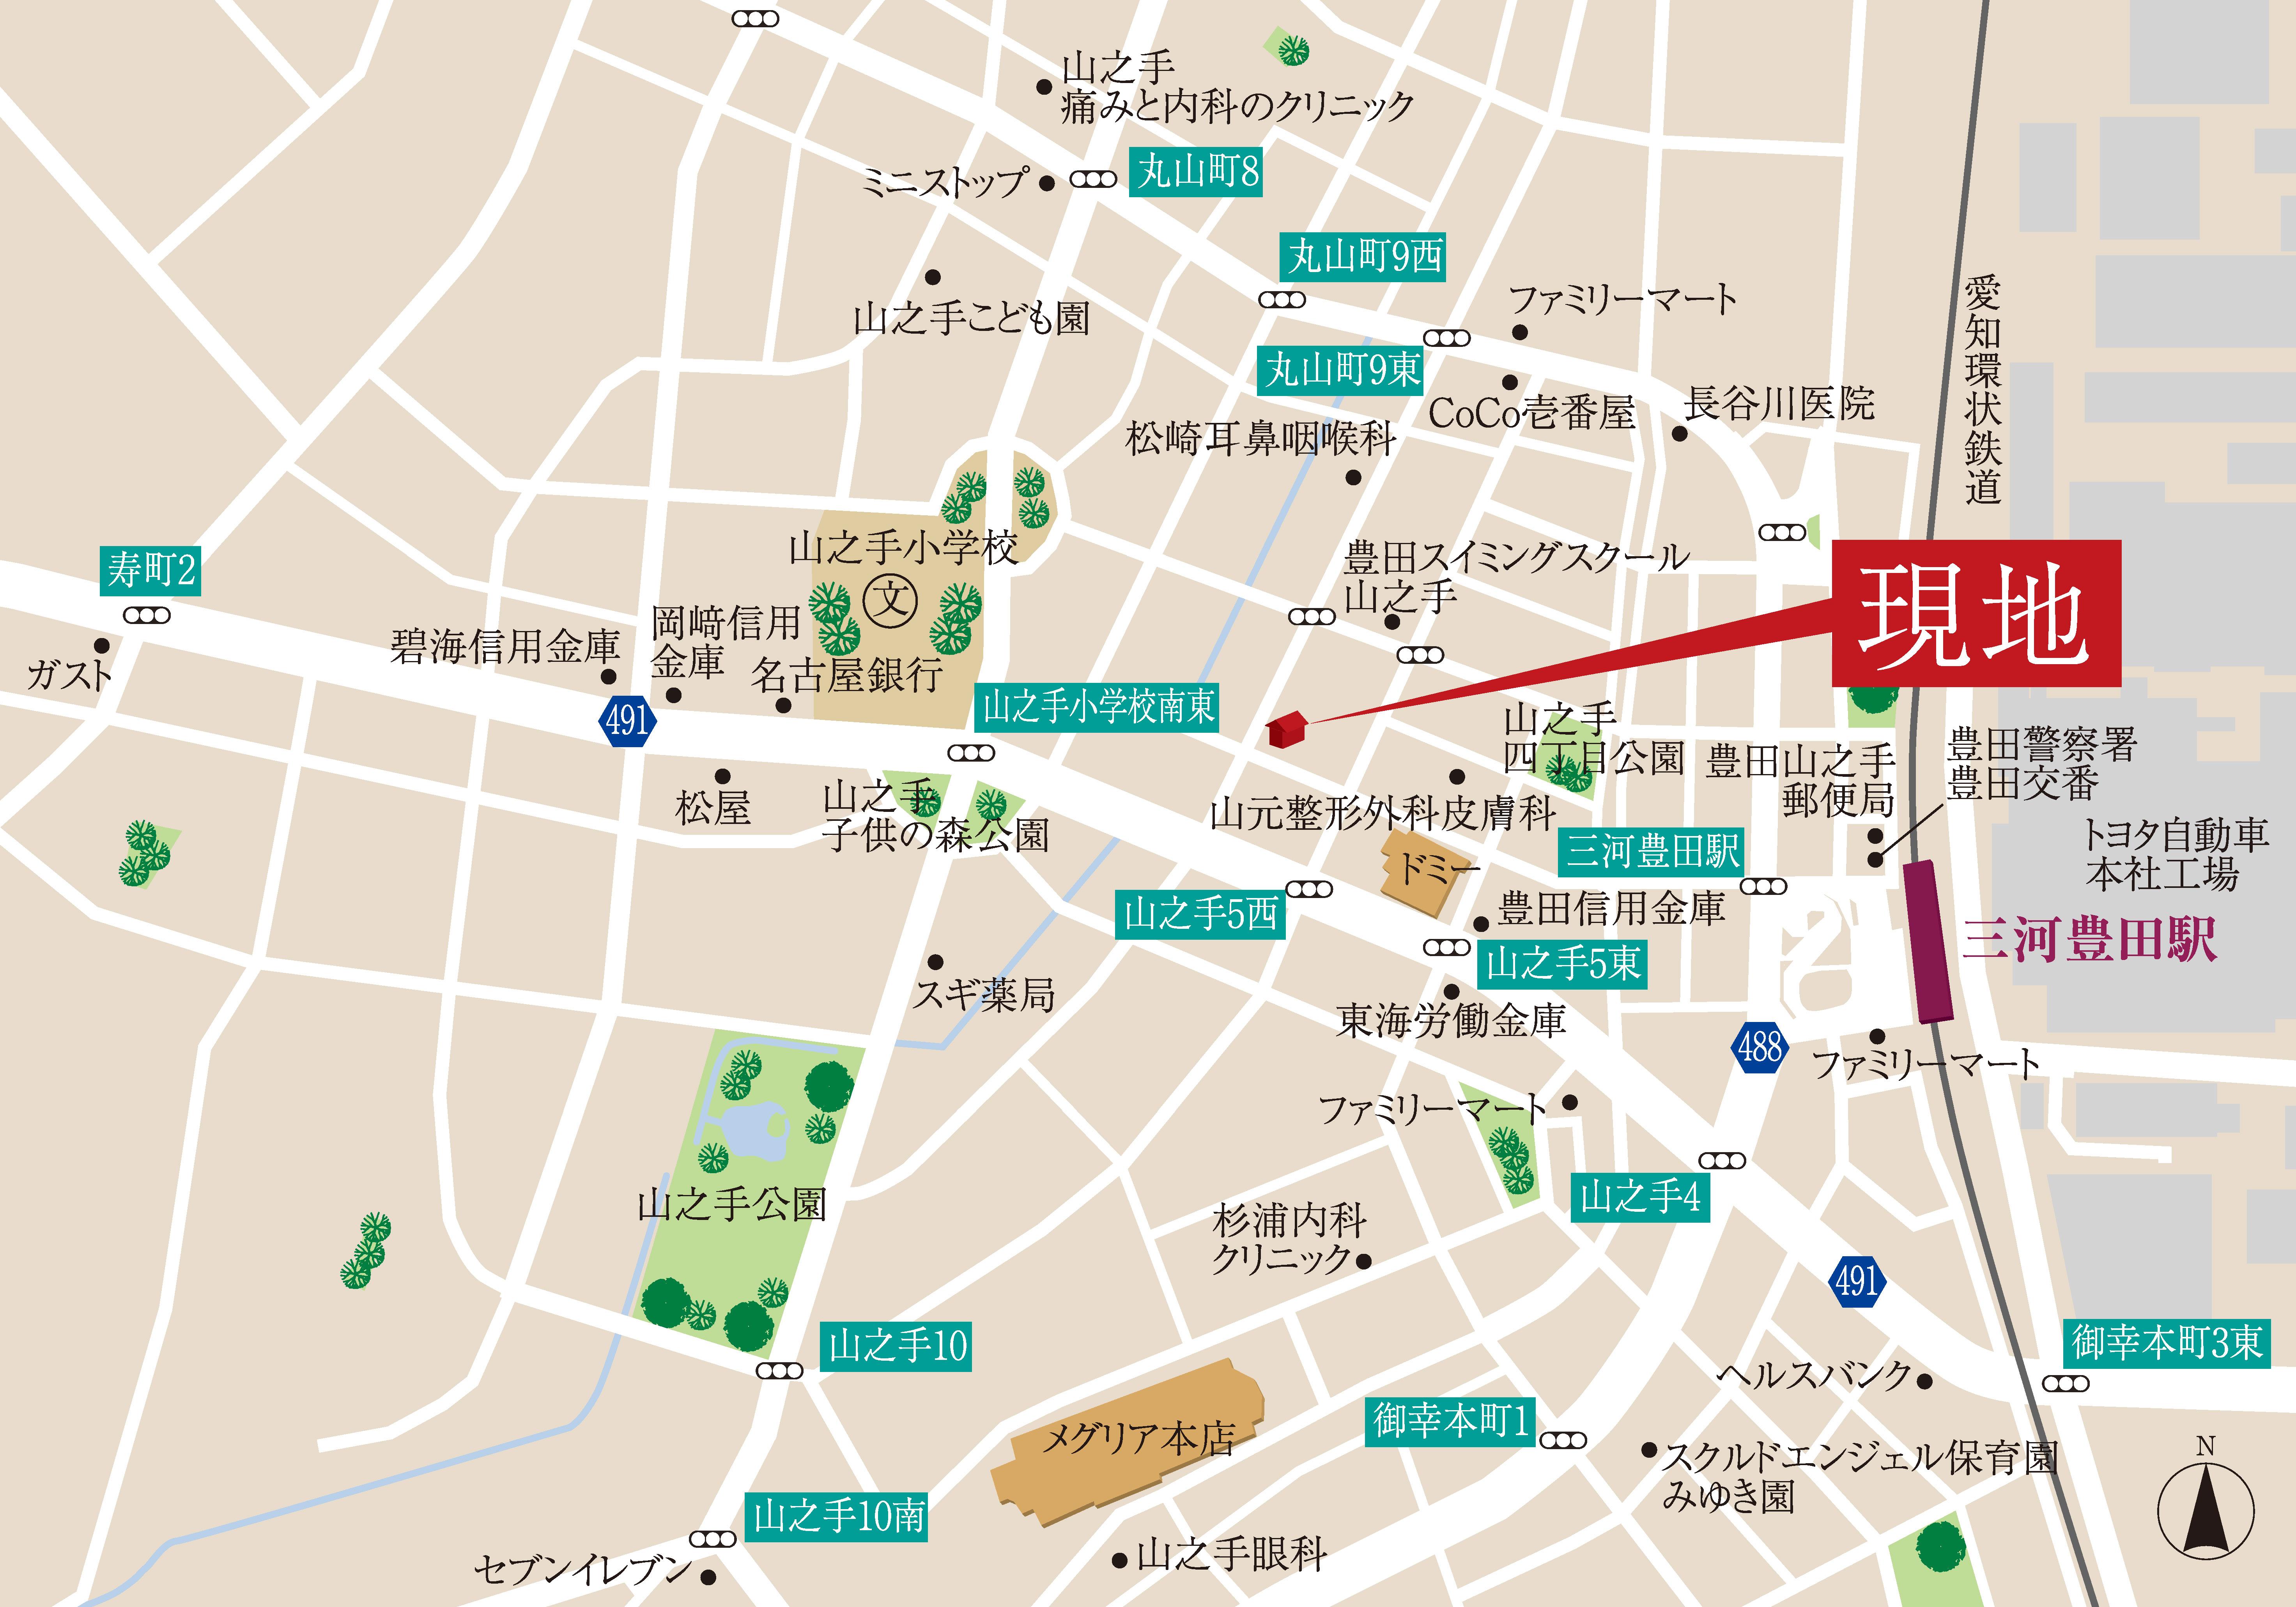 日本、〒471-0833 愛知県豊田市山之手5丁目39−2